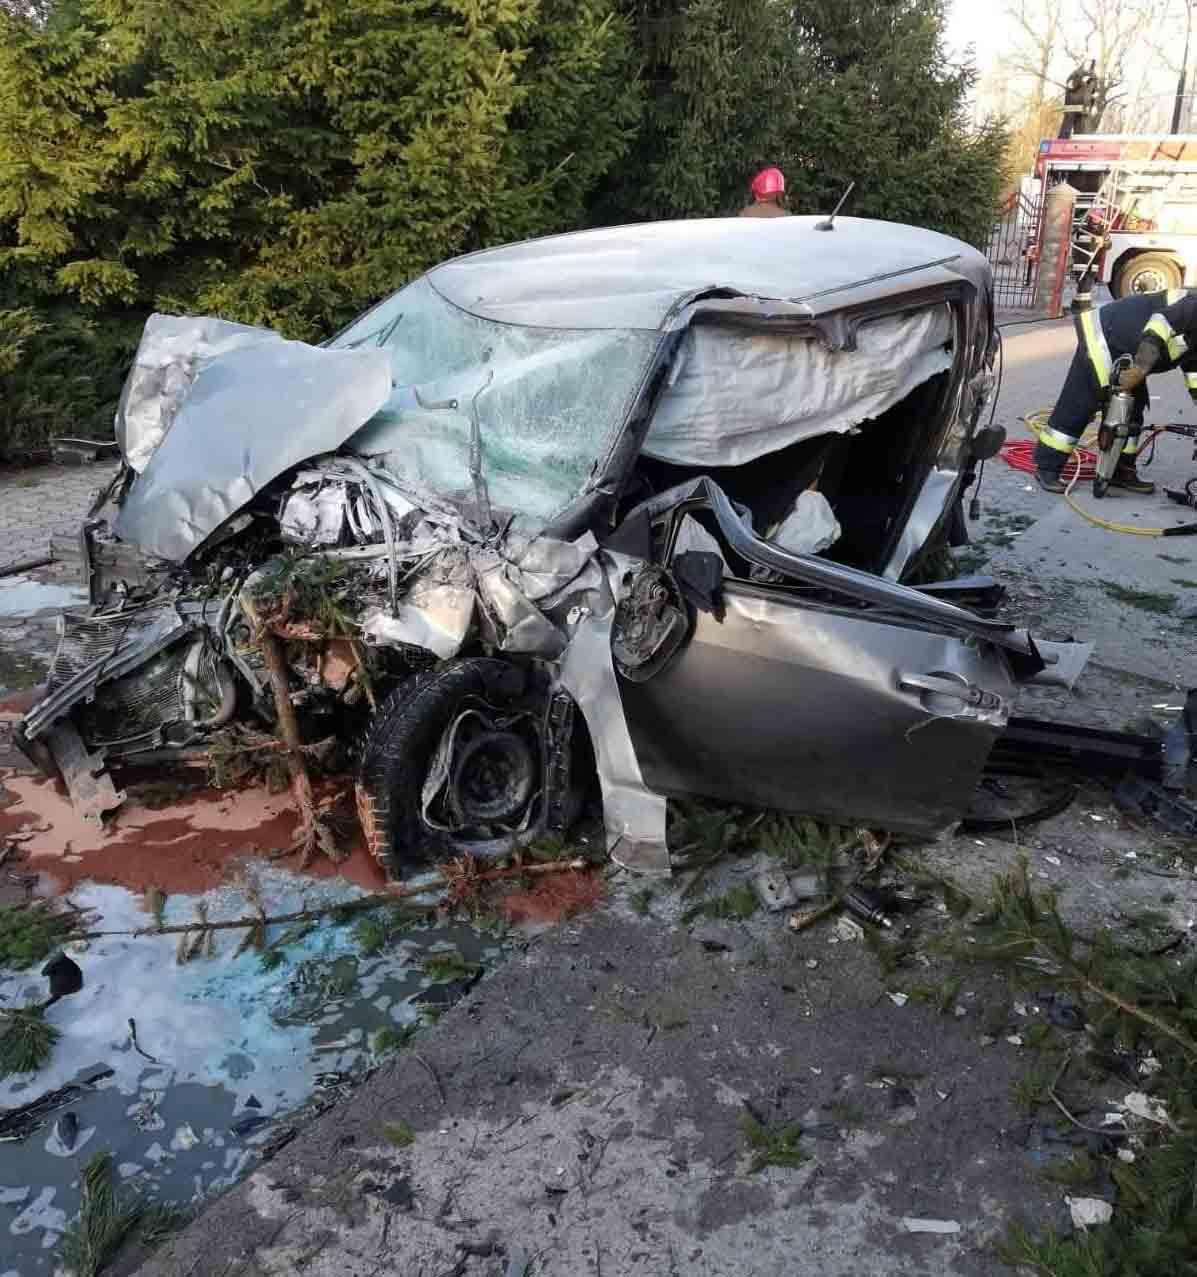 Espectacular accidente en una rotonda el coche sale volando 1